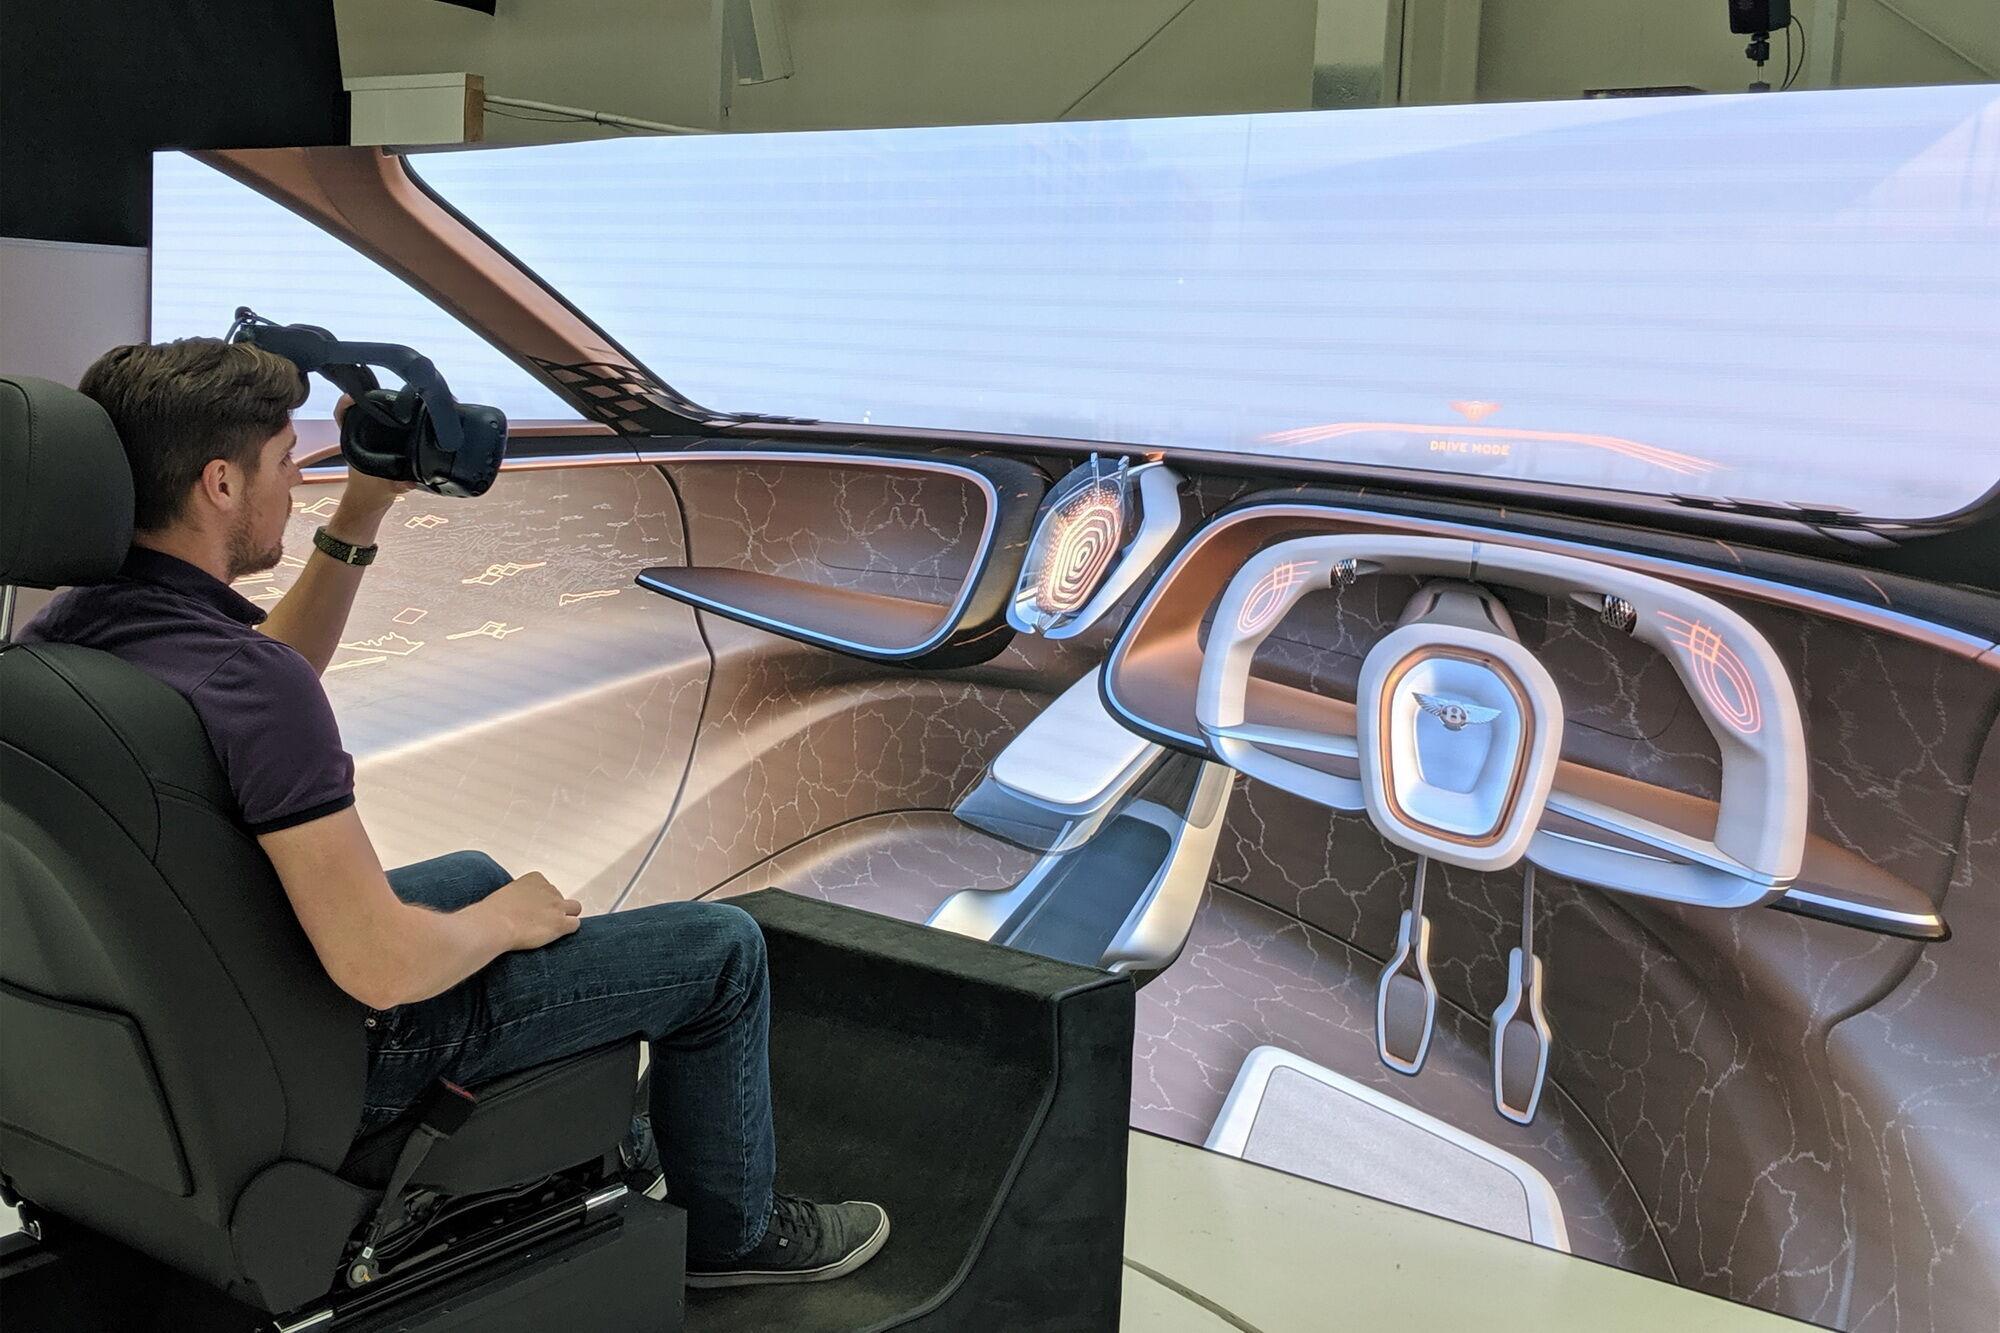 Сегодня дизайнеры могут делать эскизы в виртуальном мире, а увидеть их можно в любой точке мира на экранах или через гарнитуры и дополненную реальность